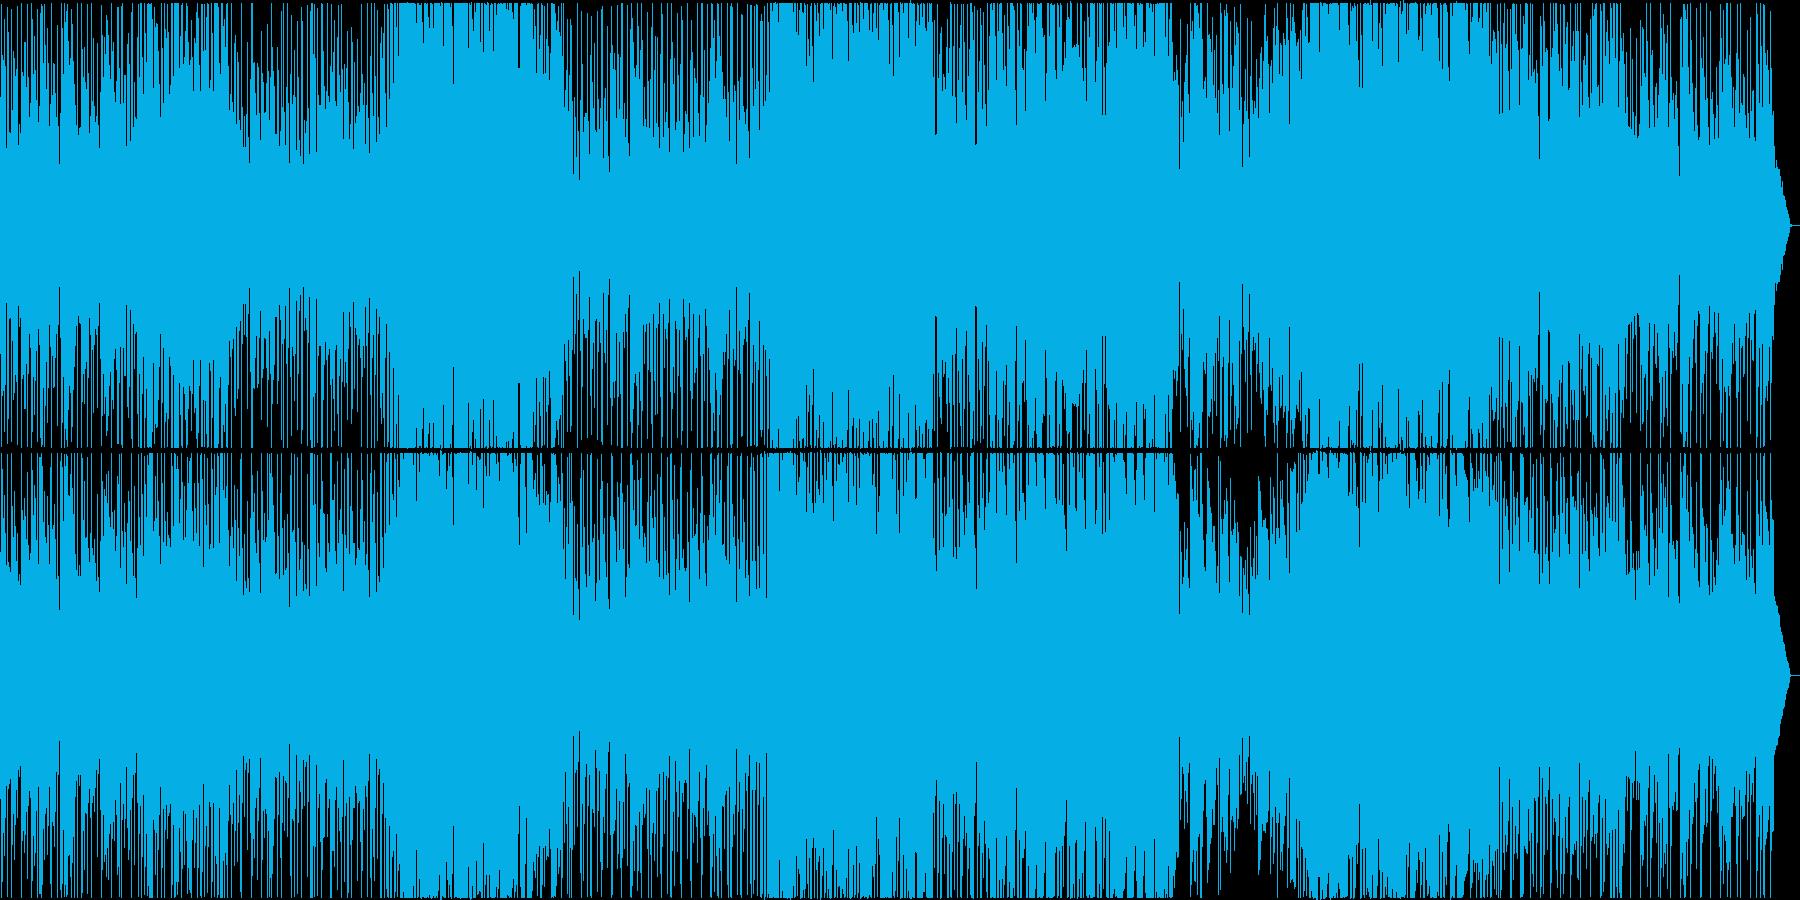 明るくもどこかノスタルジーな3拍子曲の再生済みの波形